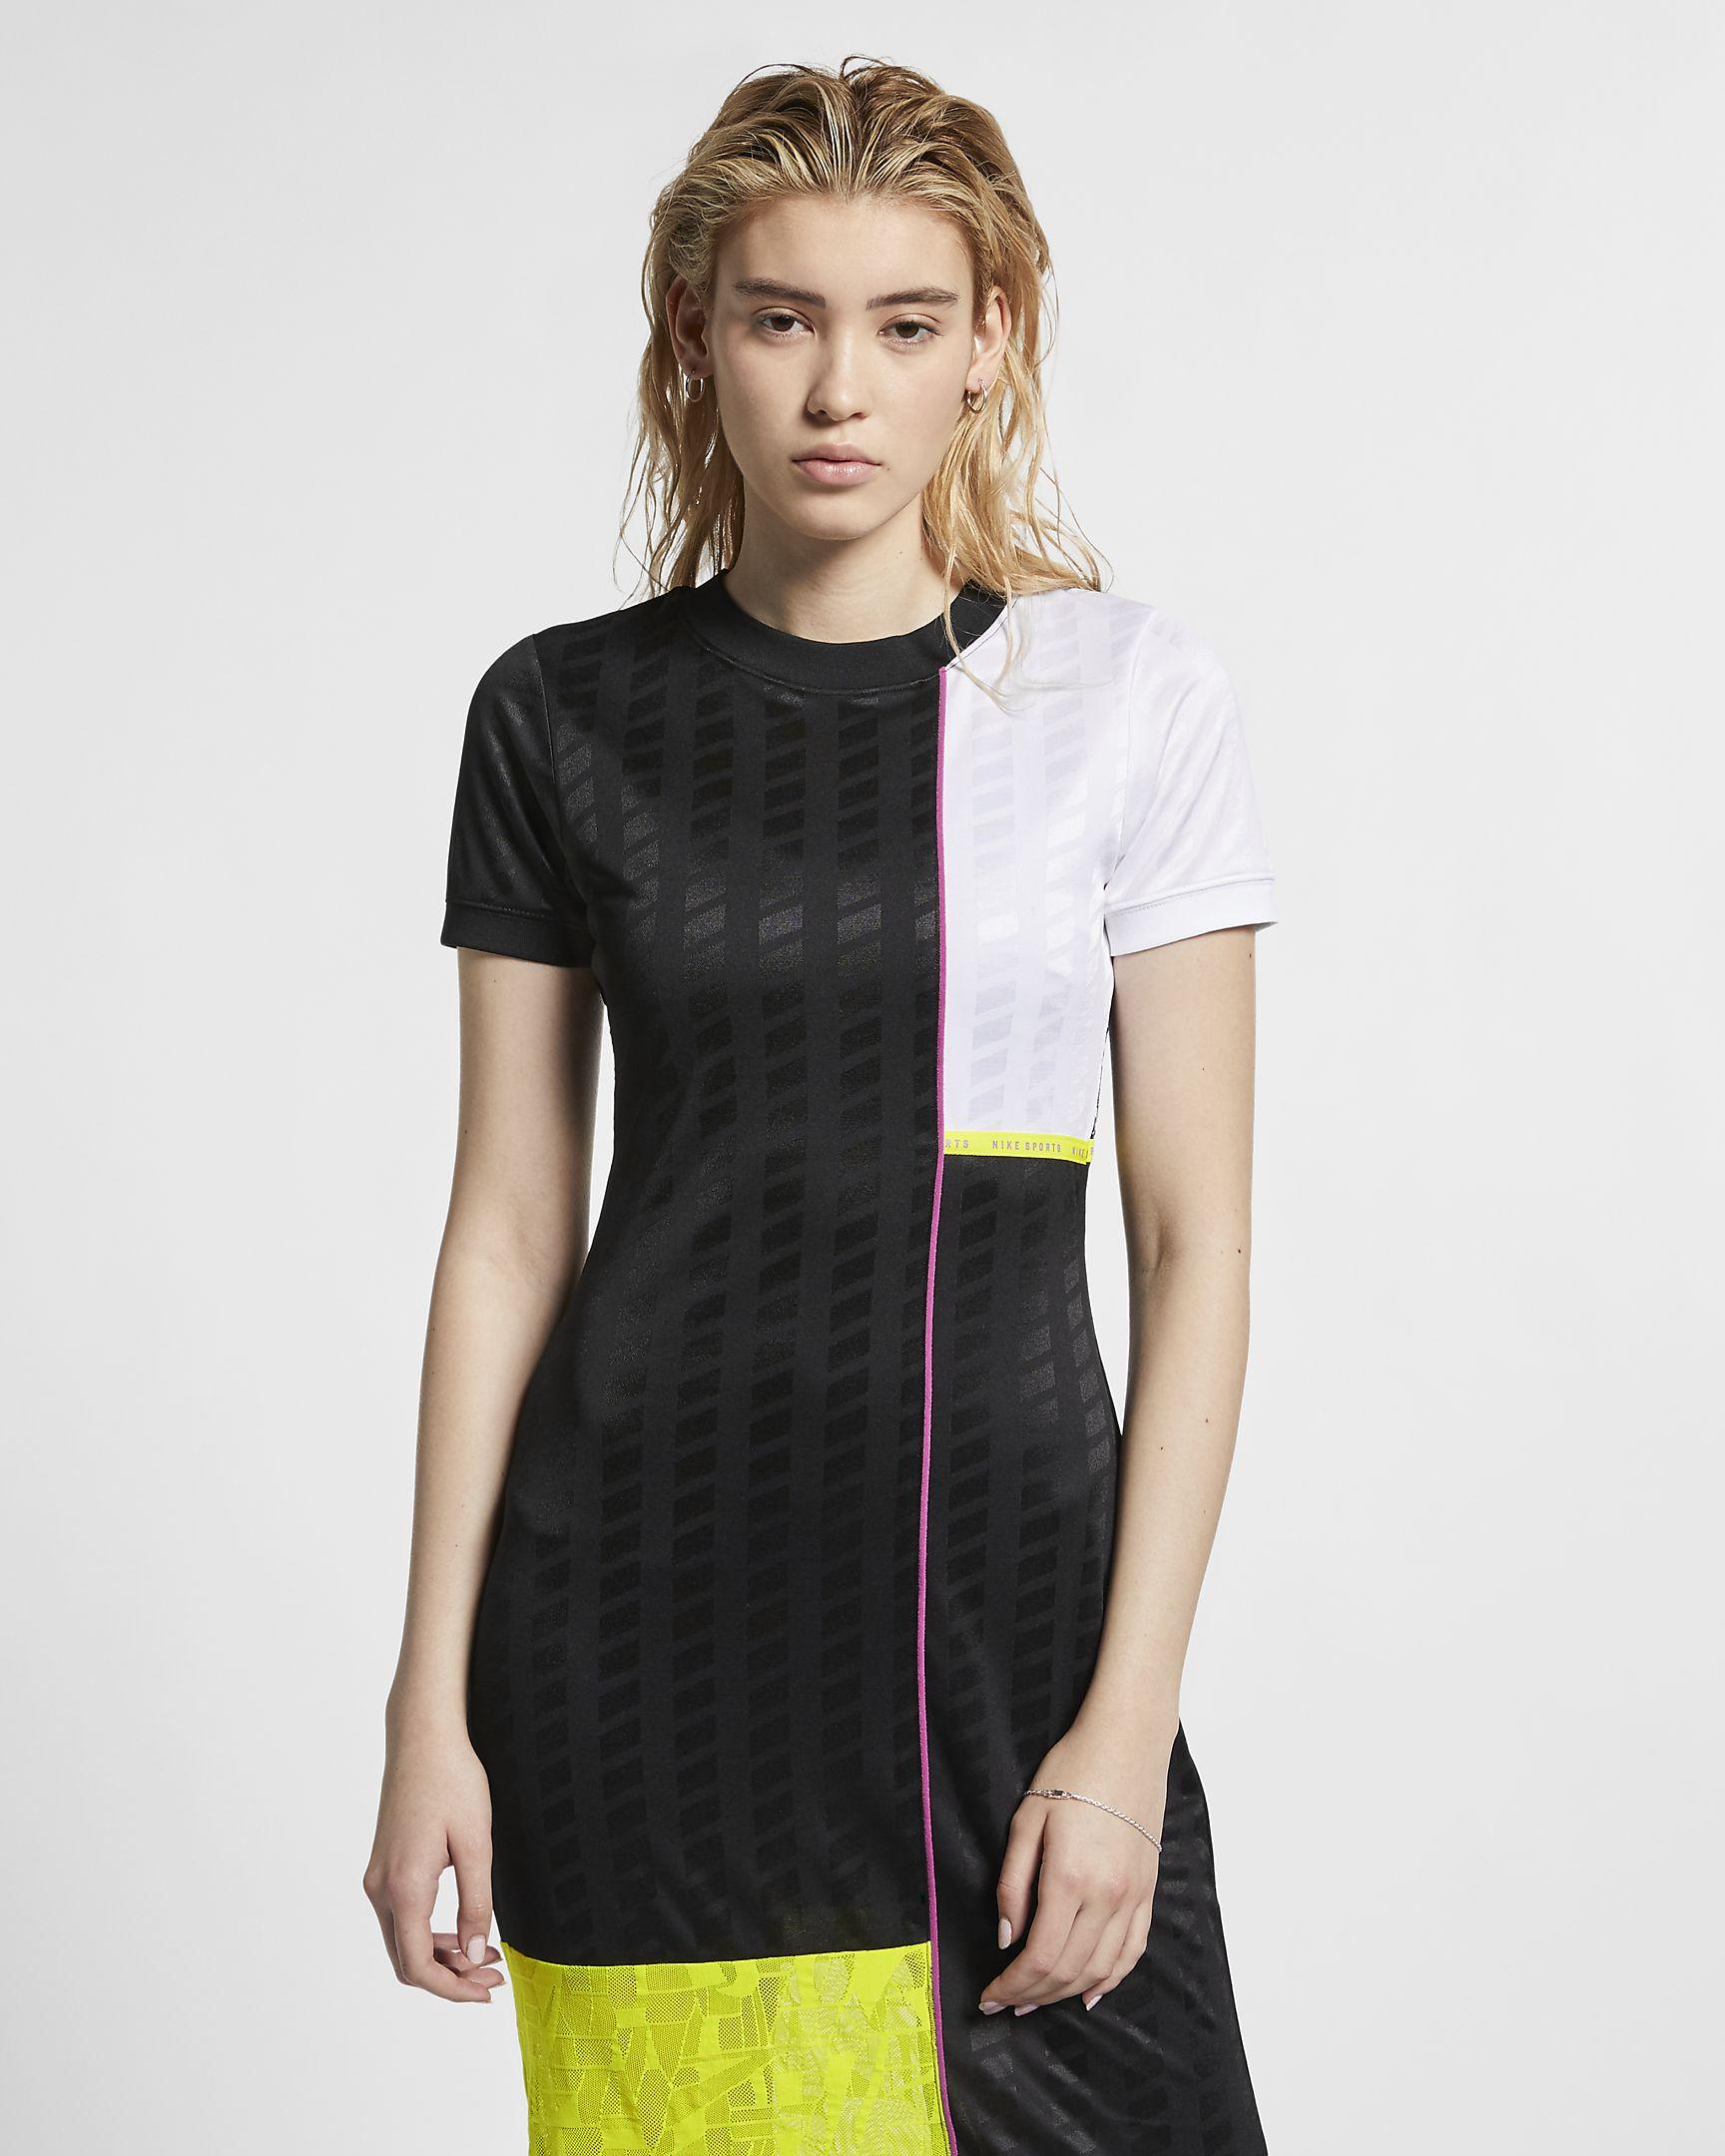 sportswear-nsw-womens-short-sleeve-dress-cTs7Dm-3.jpg